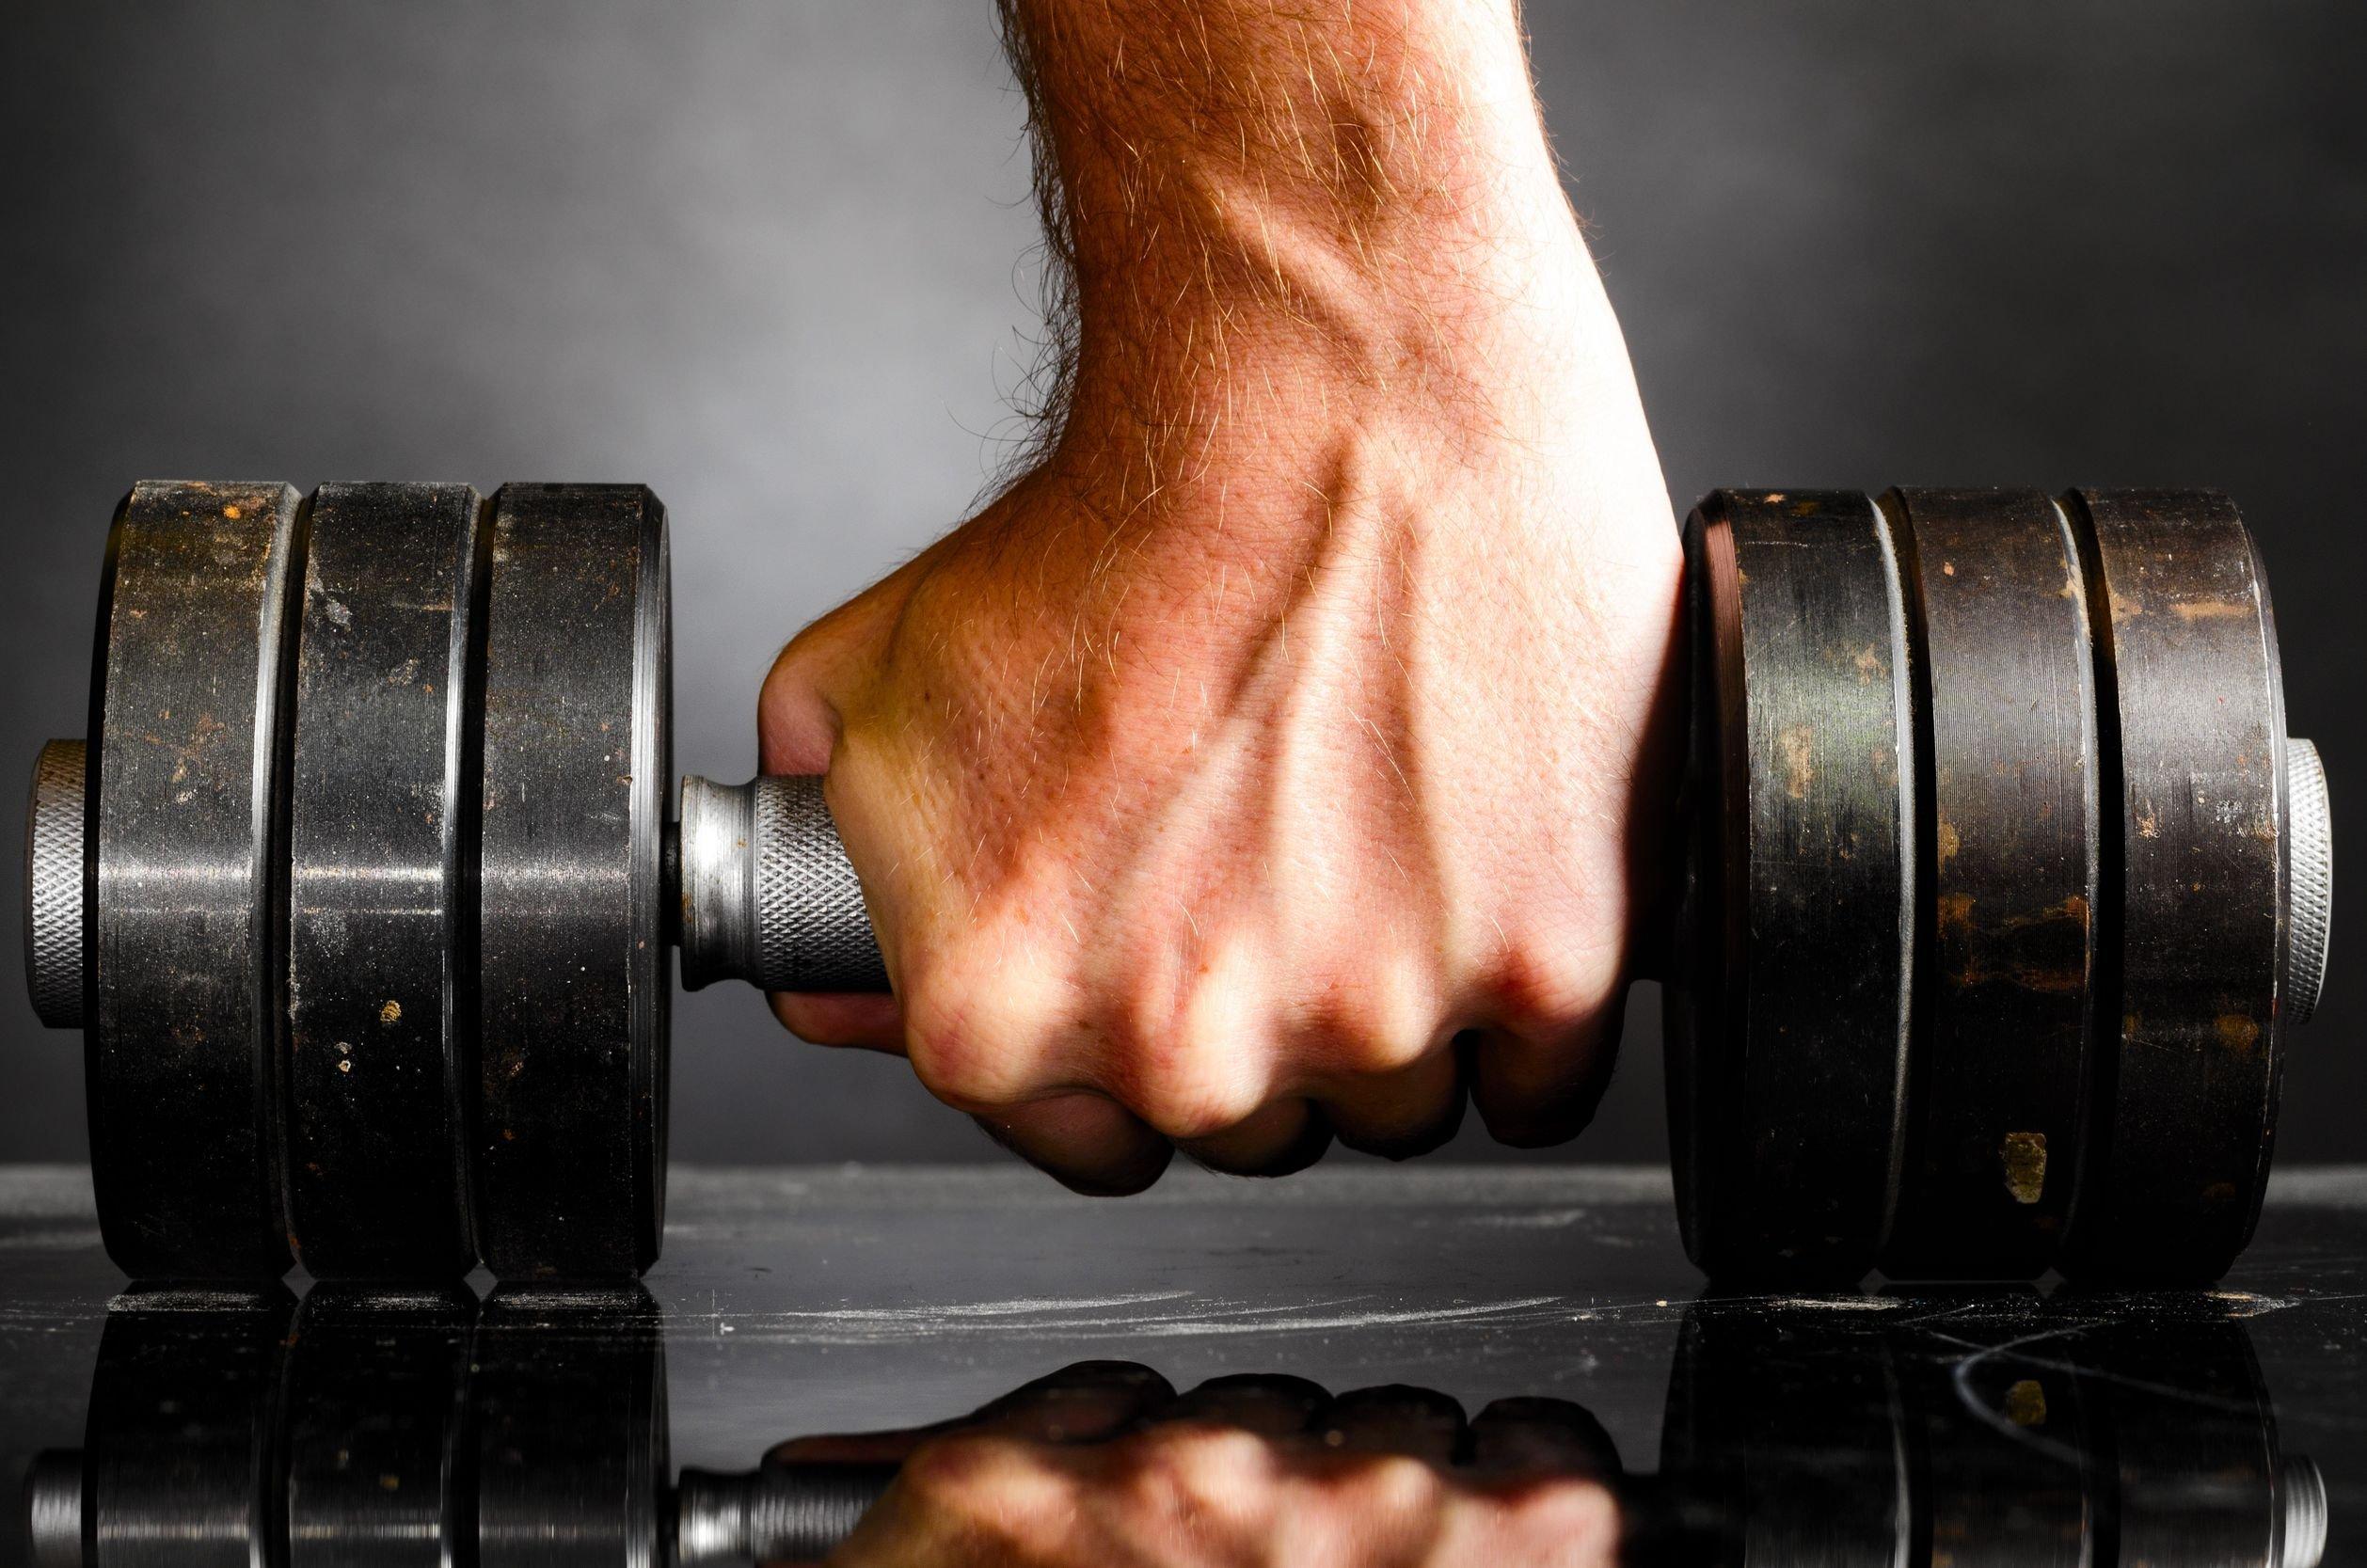 musculacao plano de saude.jpg?resize=300,169 - Doze mitos sobre a musculação